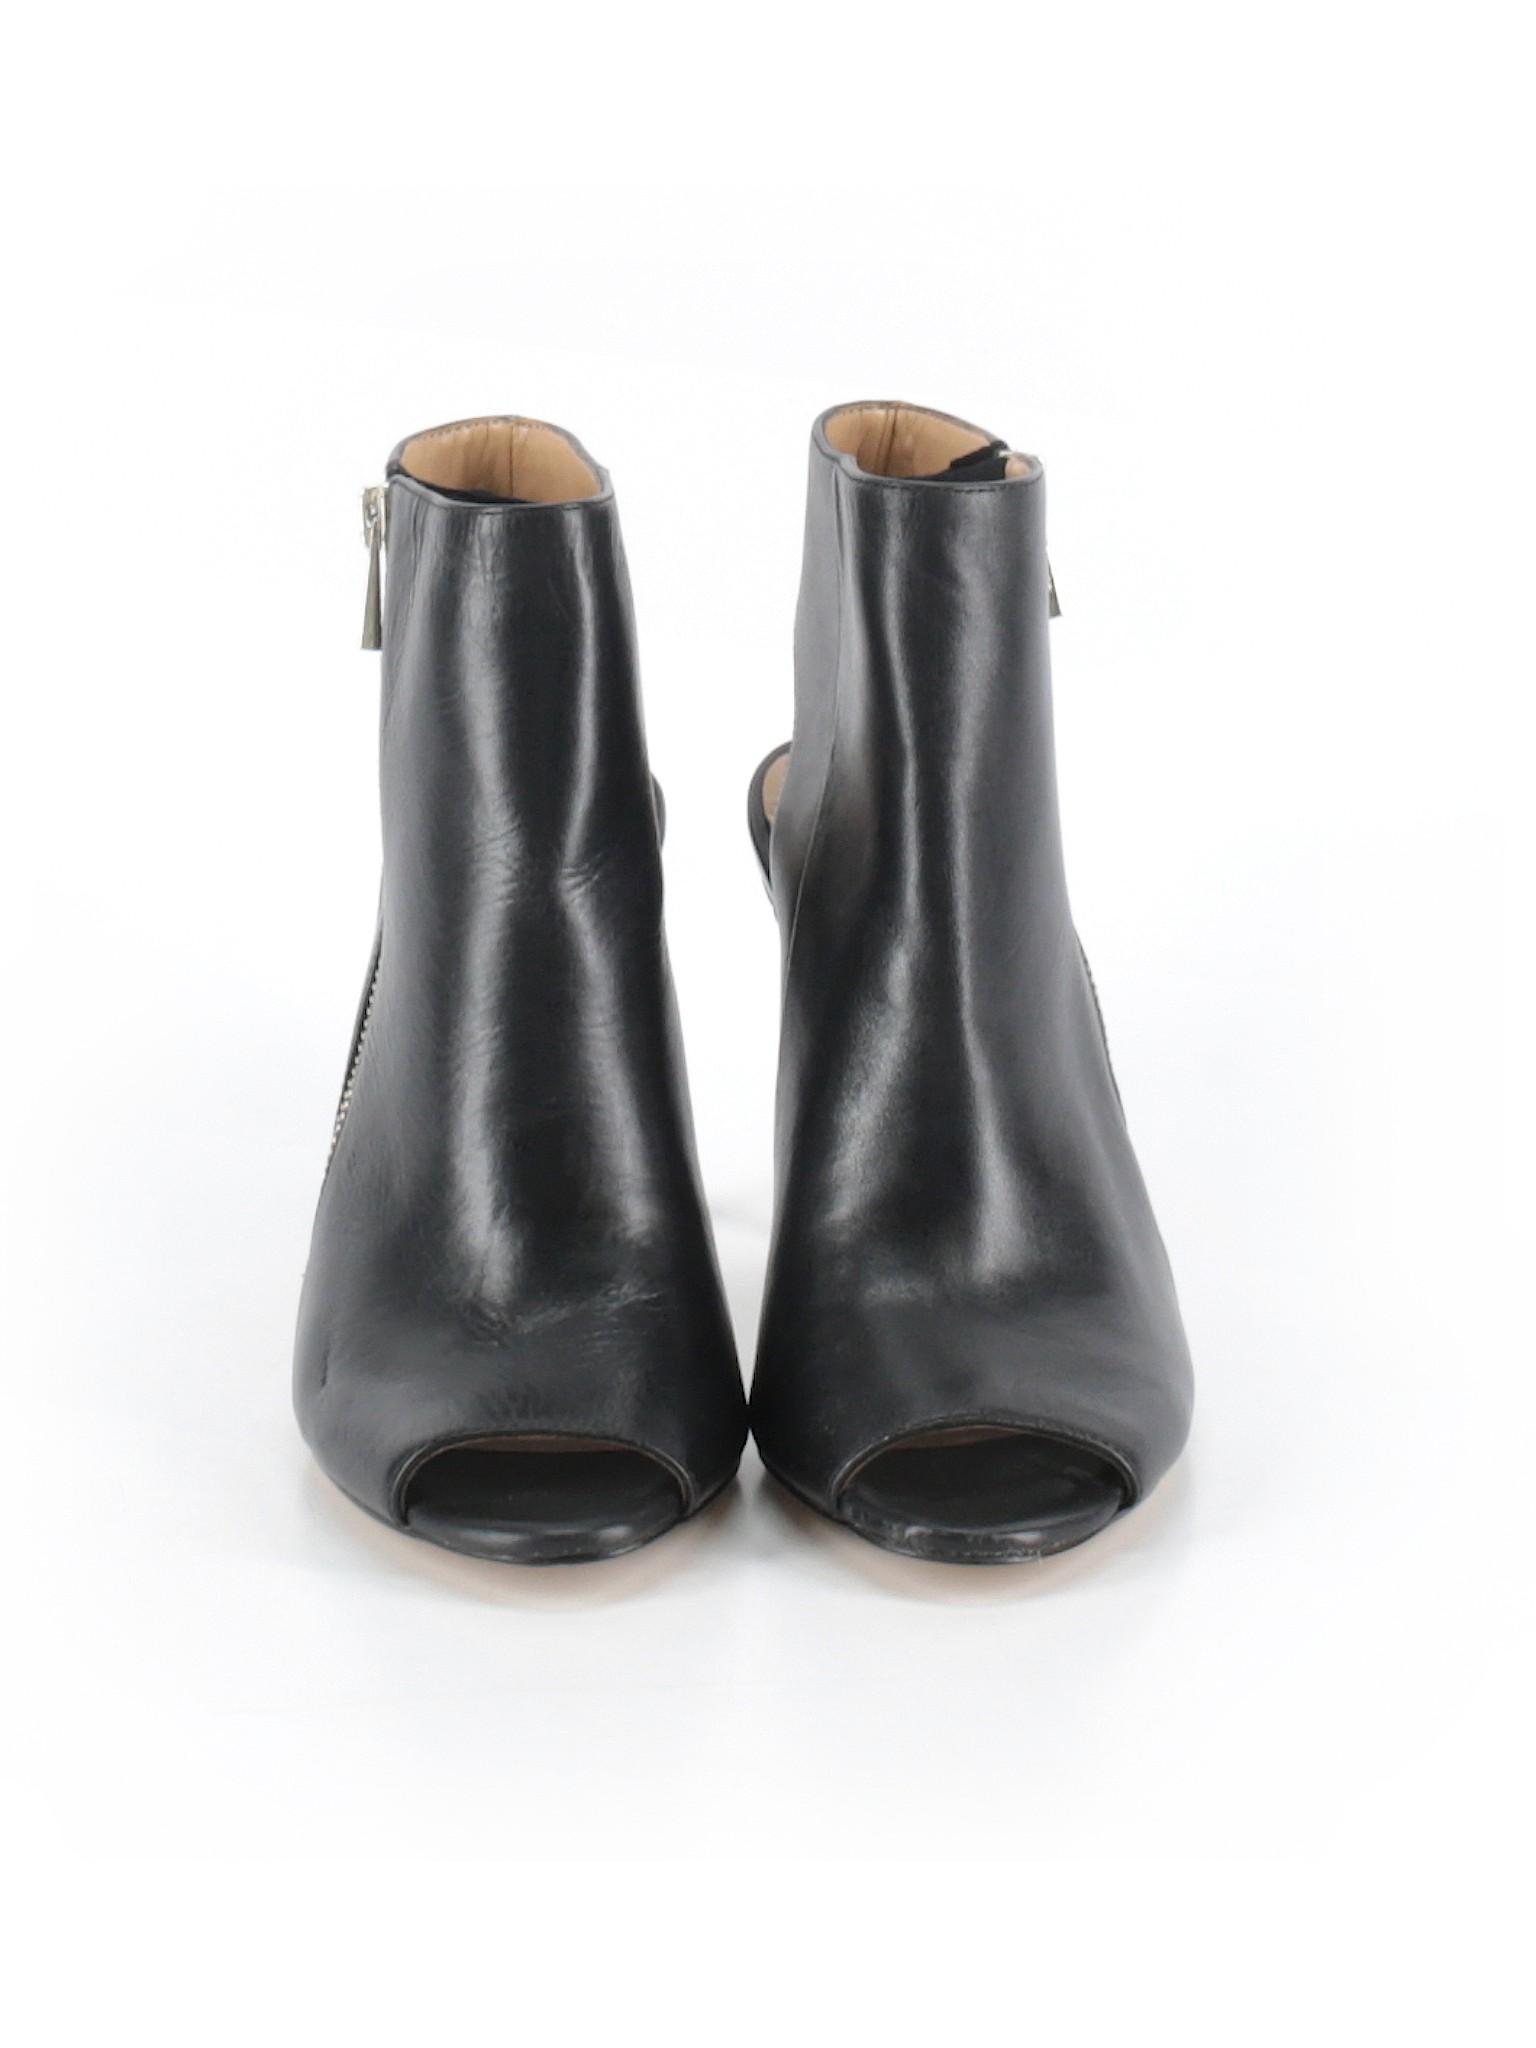 Boutique Ann Boutique Taylor Heels promotion promotion 4xqwvUr4